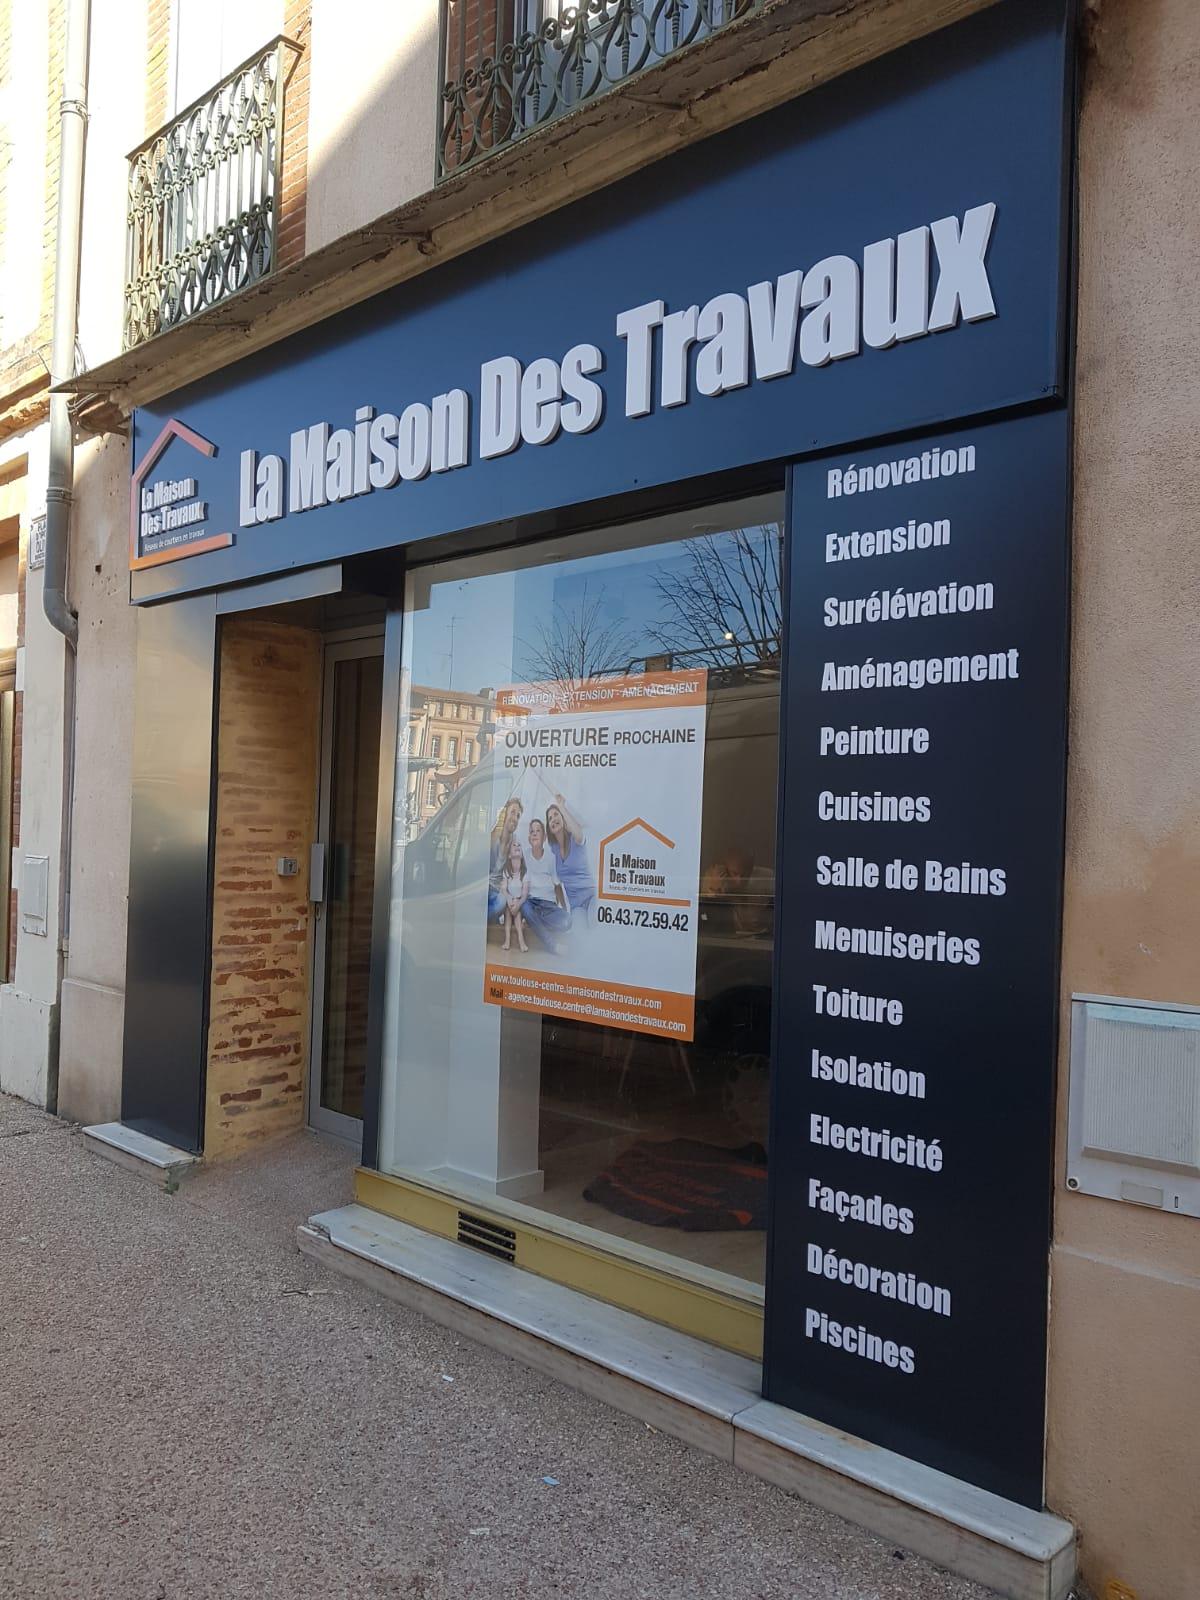 Enseigne Toulouse pour la maison des travaux signalétique extérieur